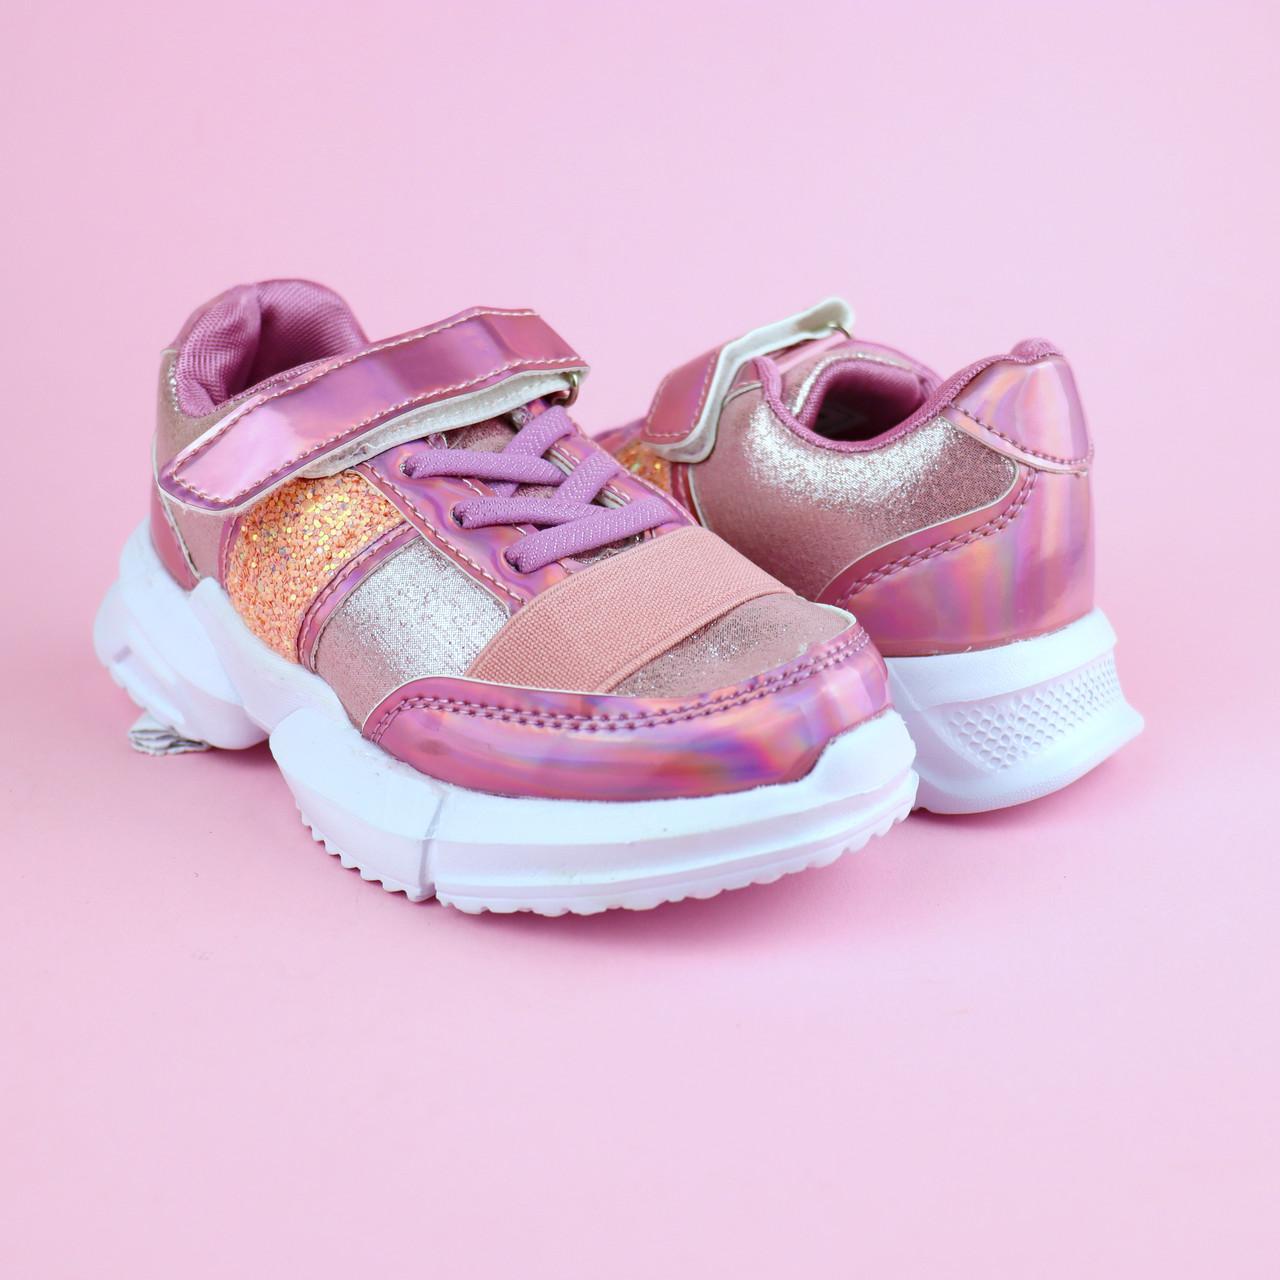 7581F рожеві Кросівки для дівчинки тм Boyang розмір 27,28,29,30,31,32